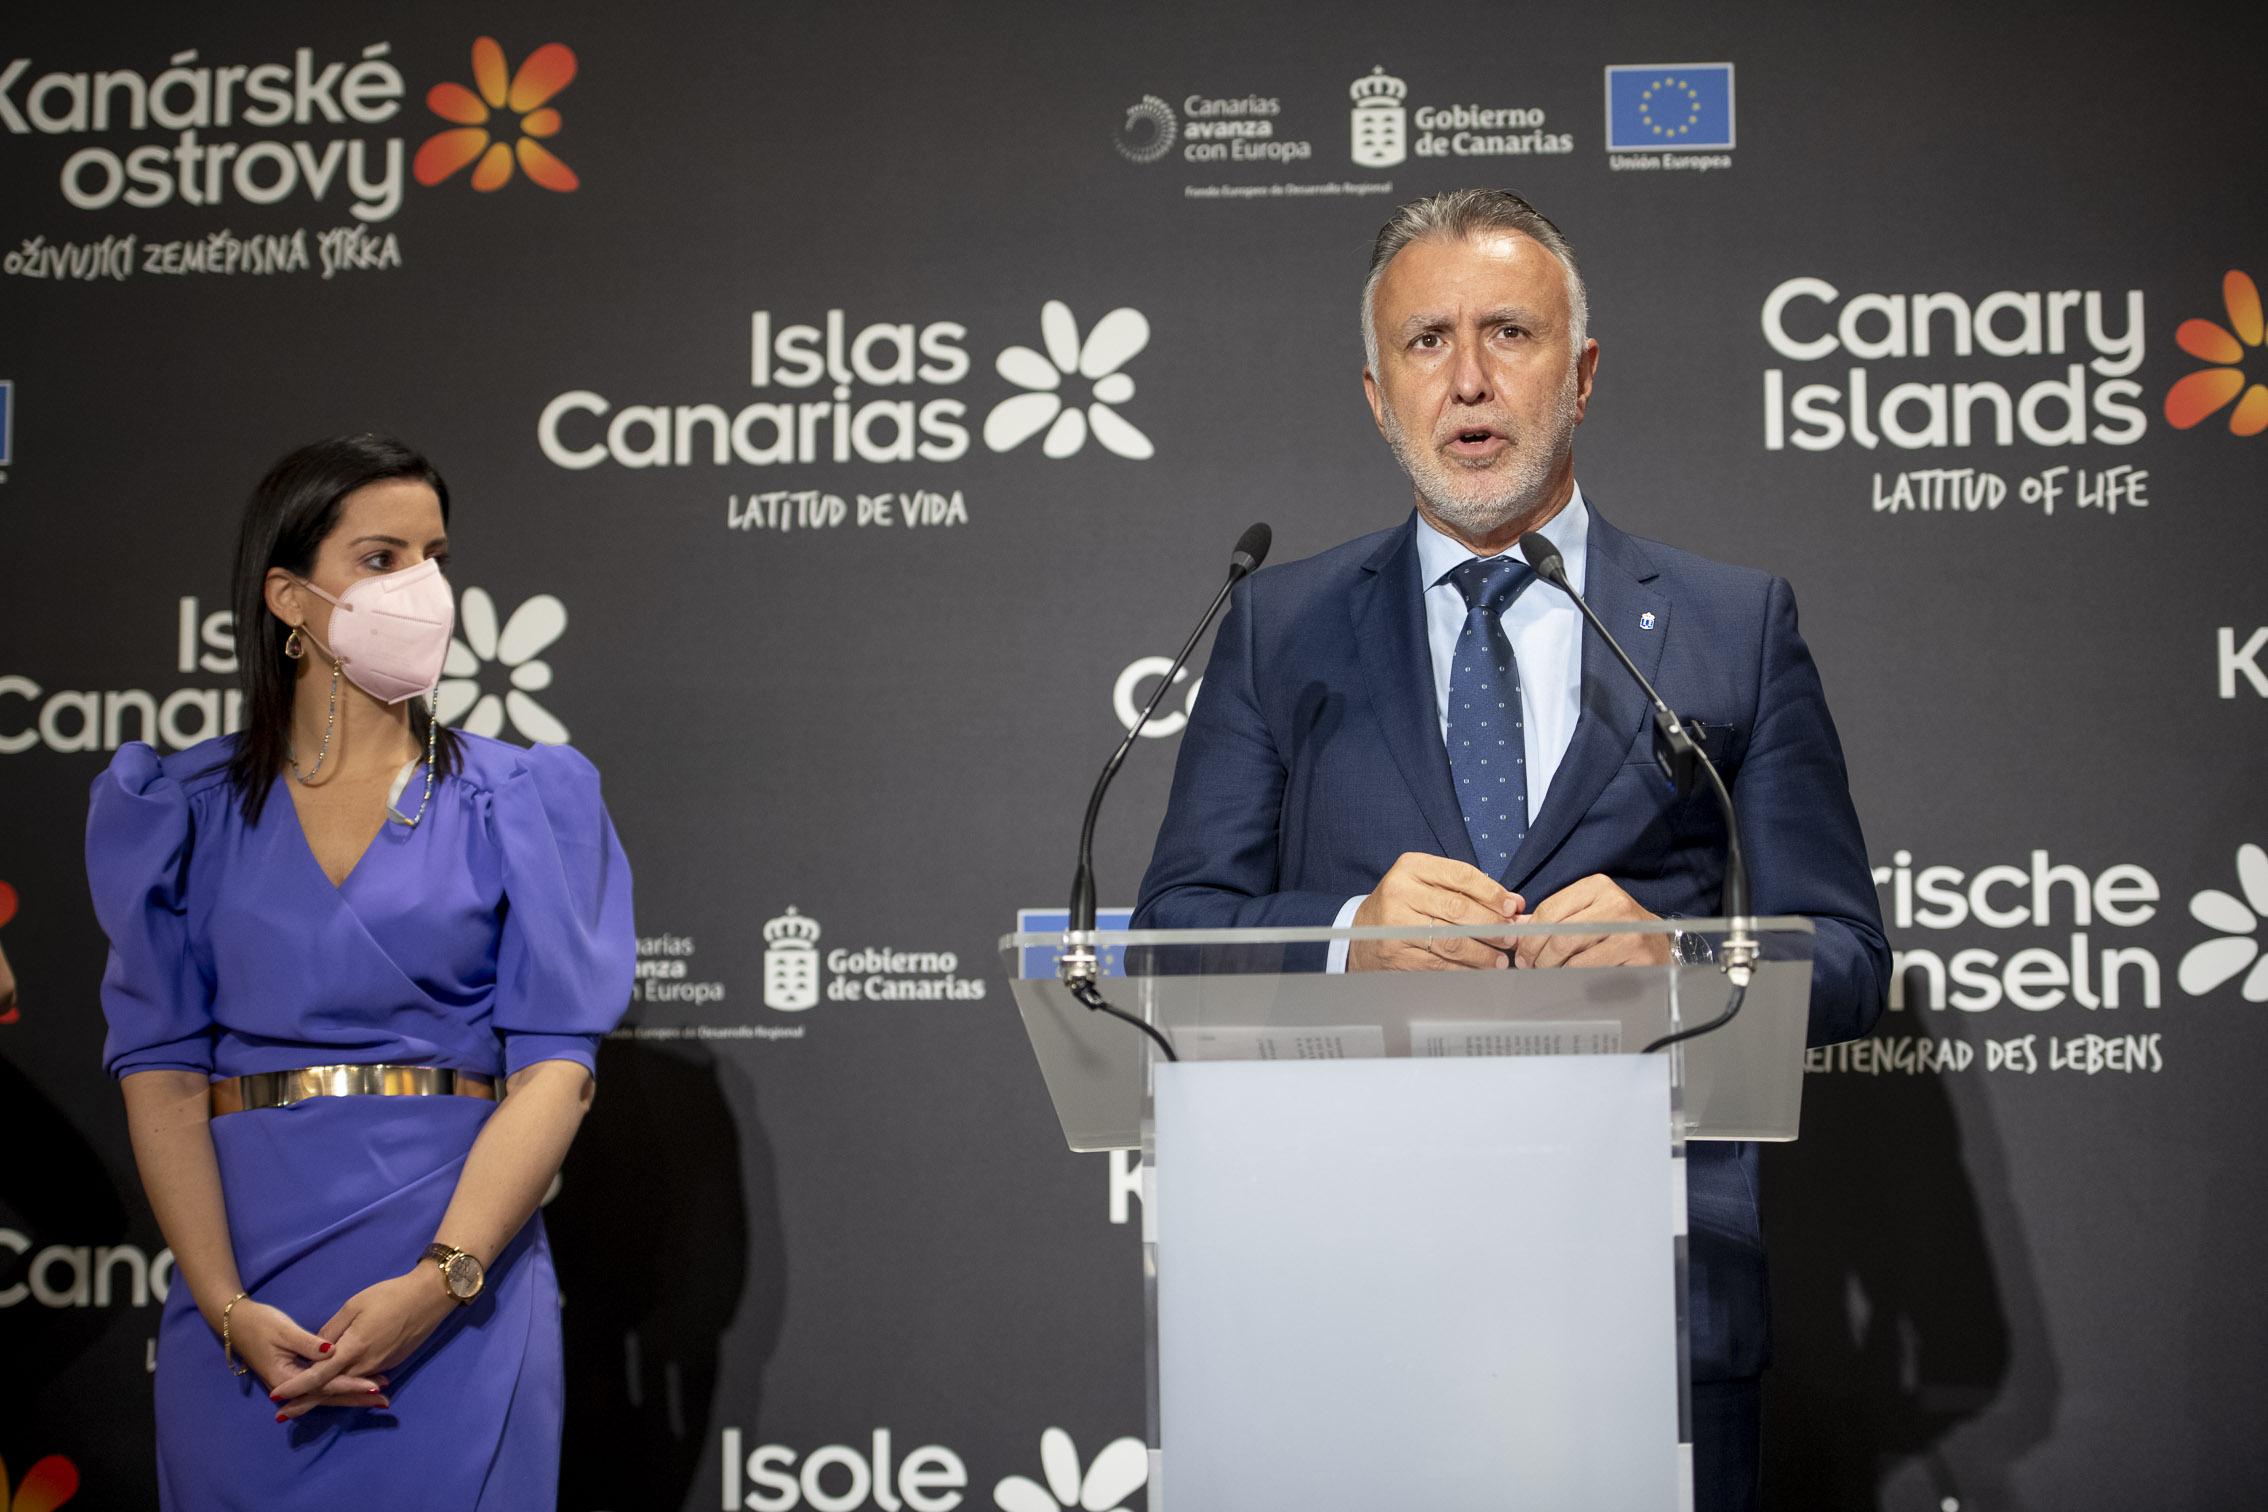 La apuesta canaria por el turismo nacional en verano se acompañará por la recuperación del 100% de la conectividad